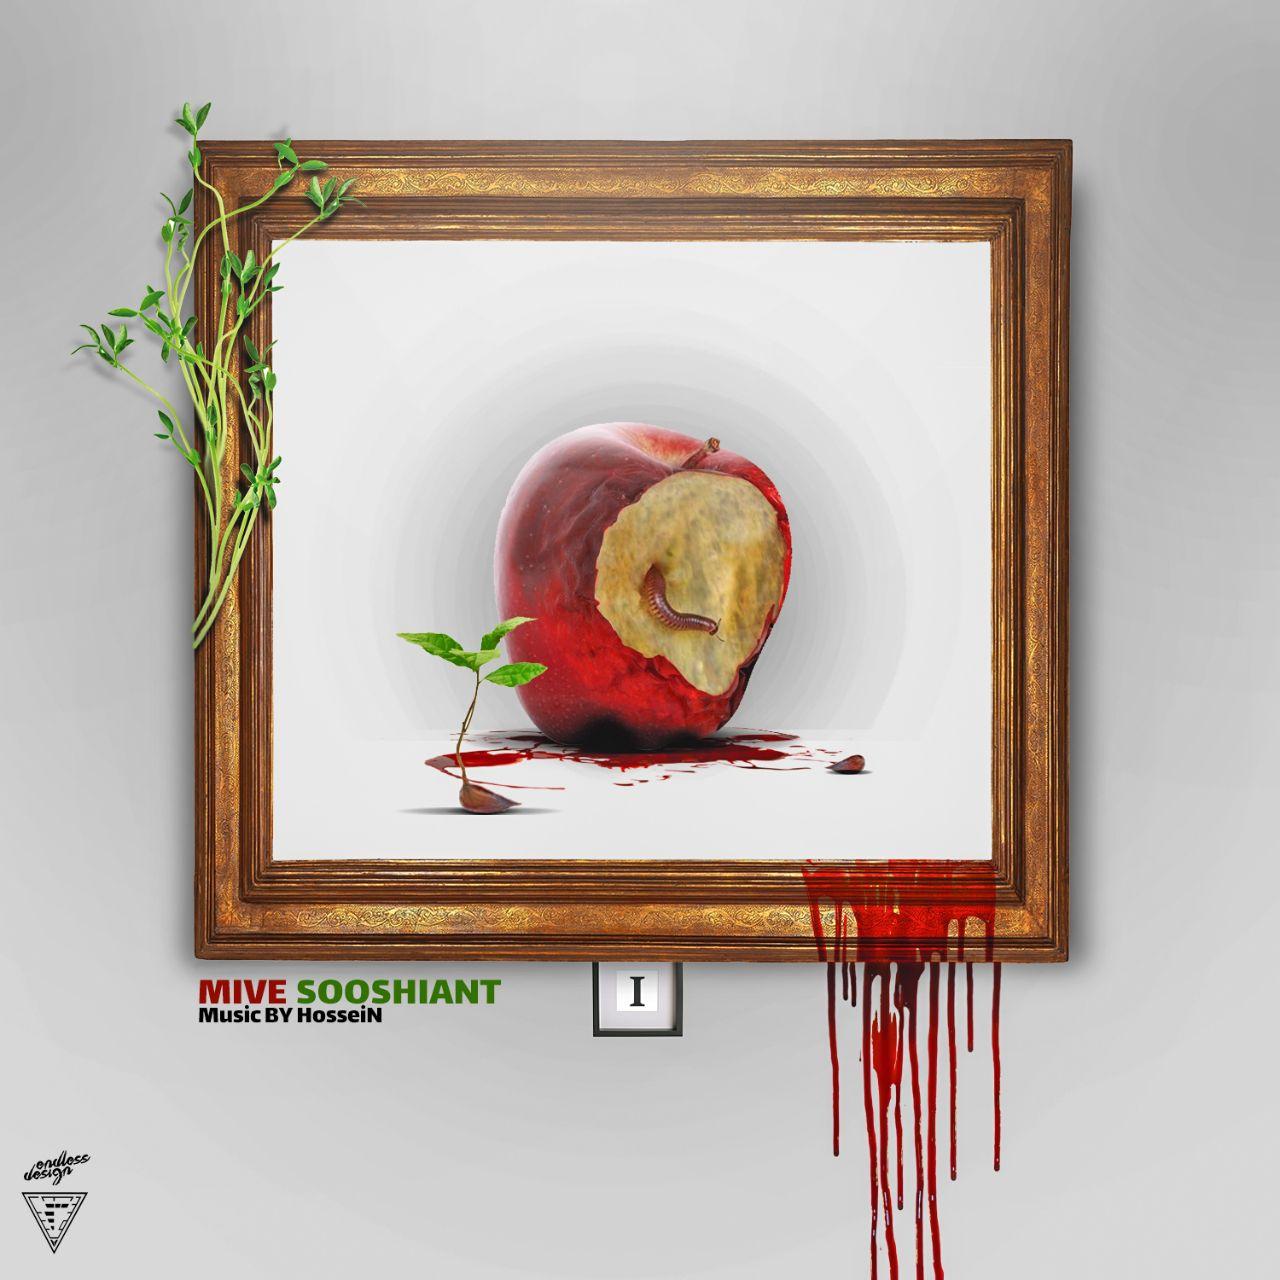 دانلود موزیک جدید و بسیار زیبای سوشیانت به نام میوه